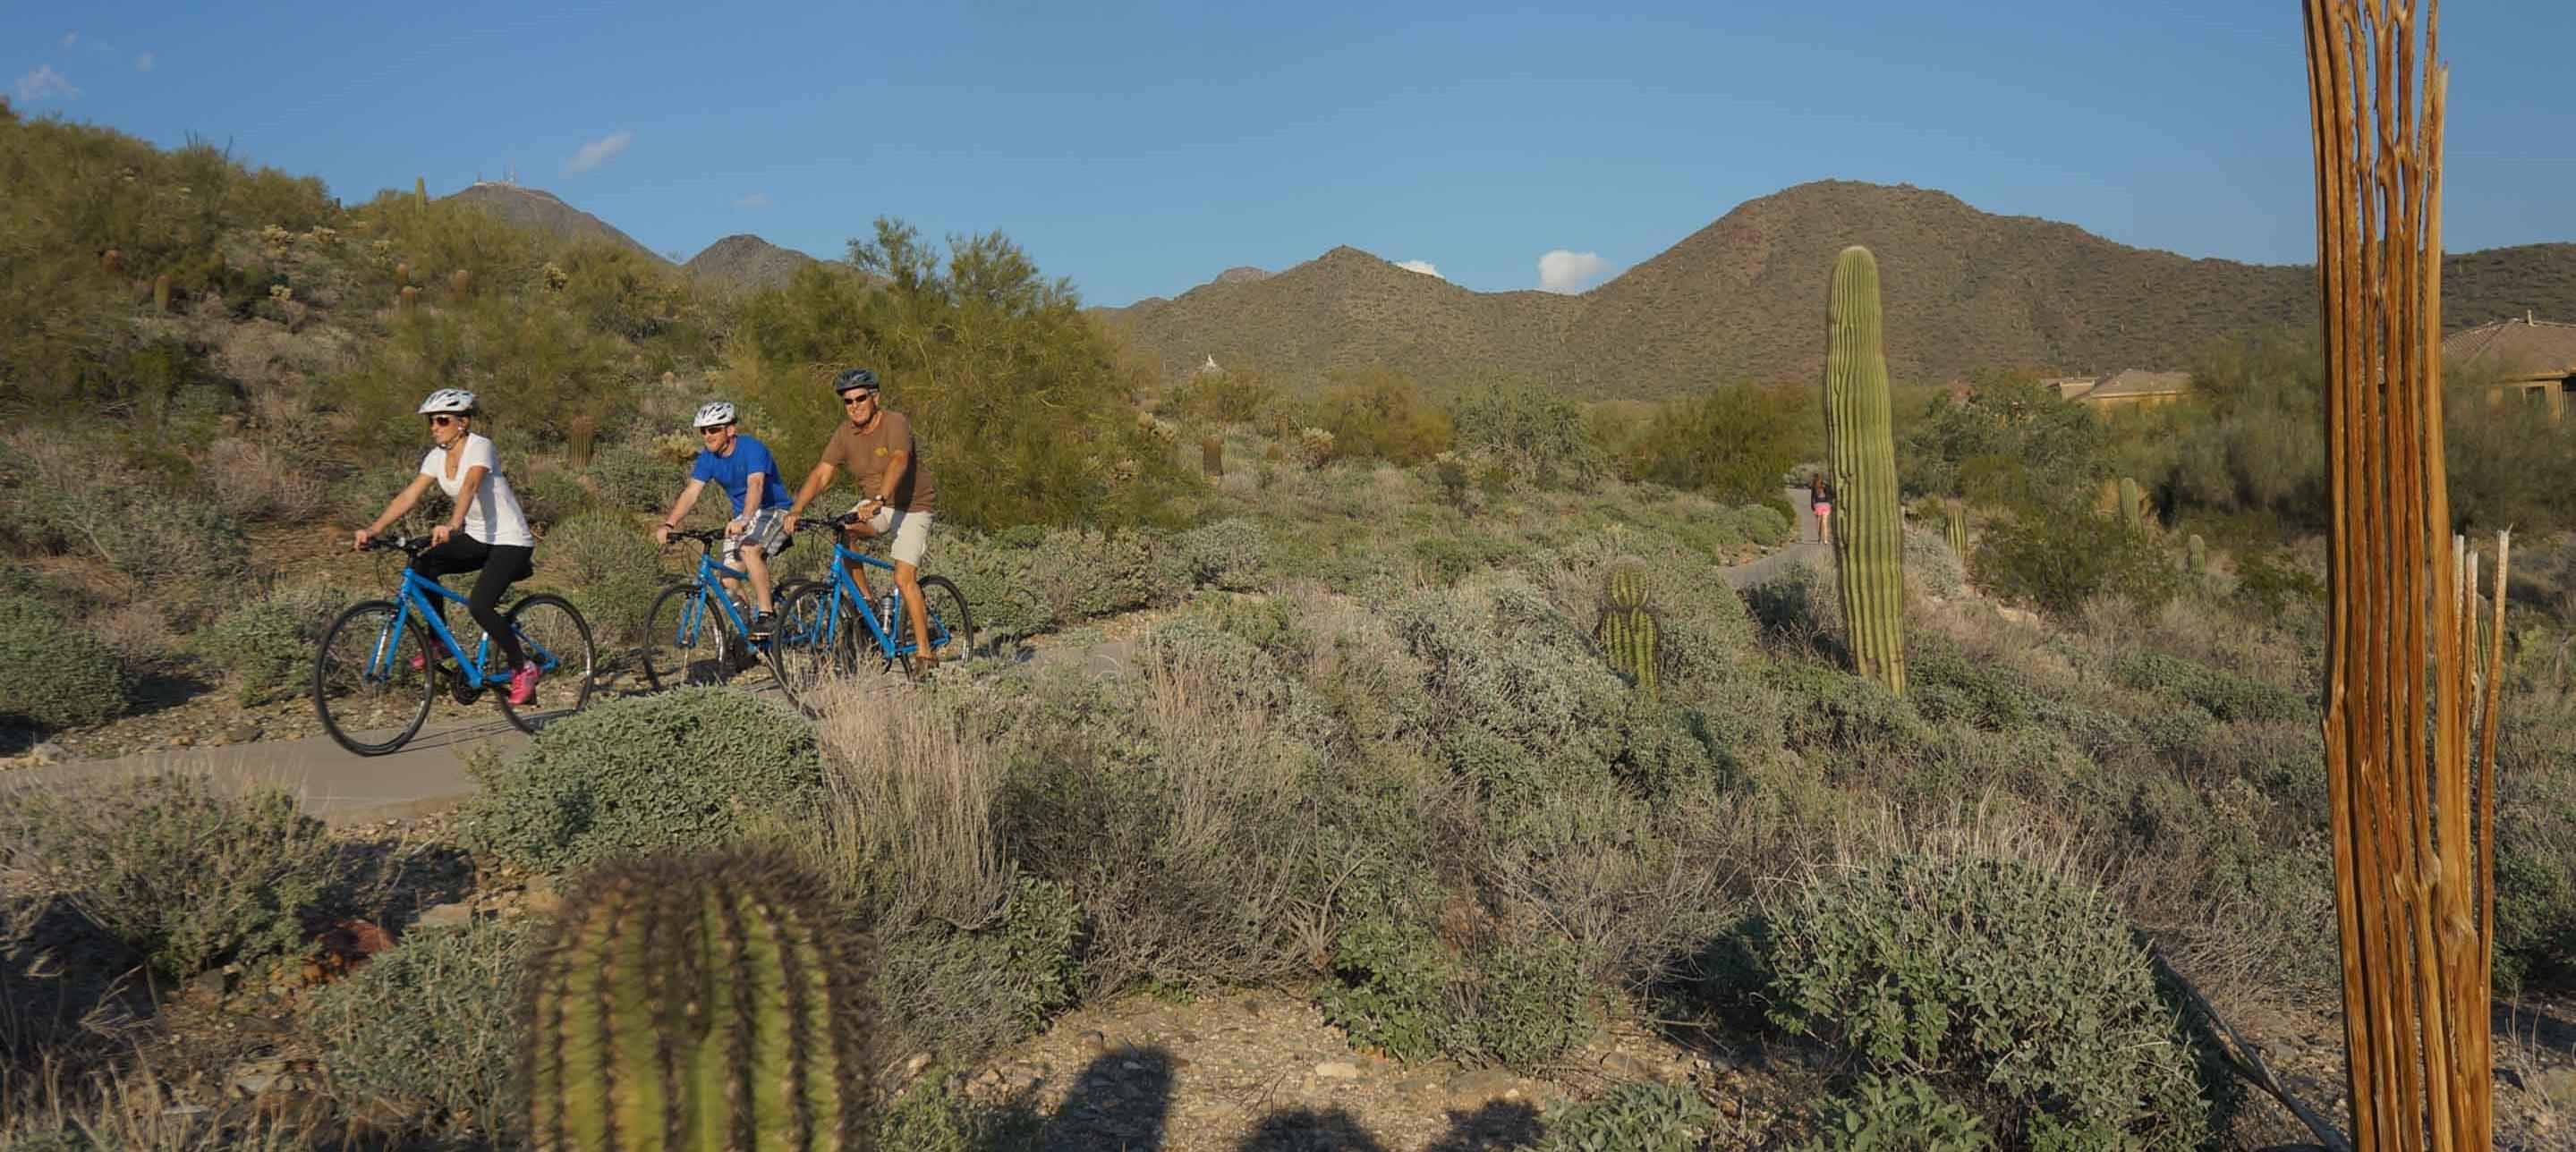 Three bikers on a trail